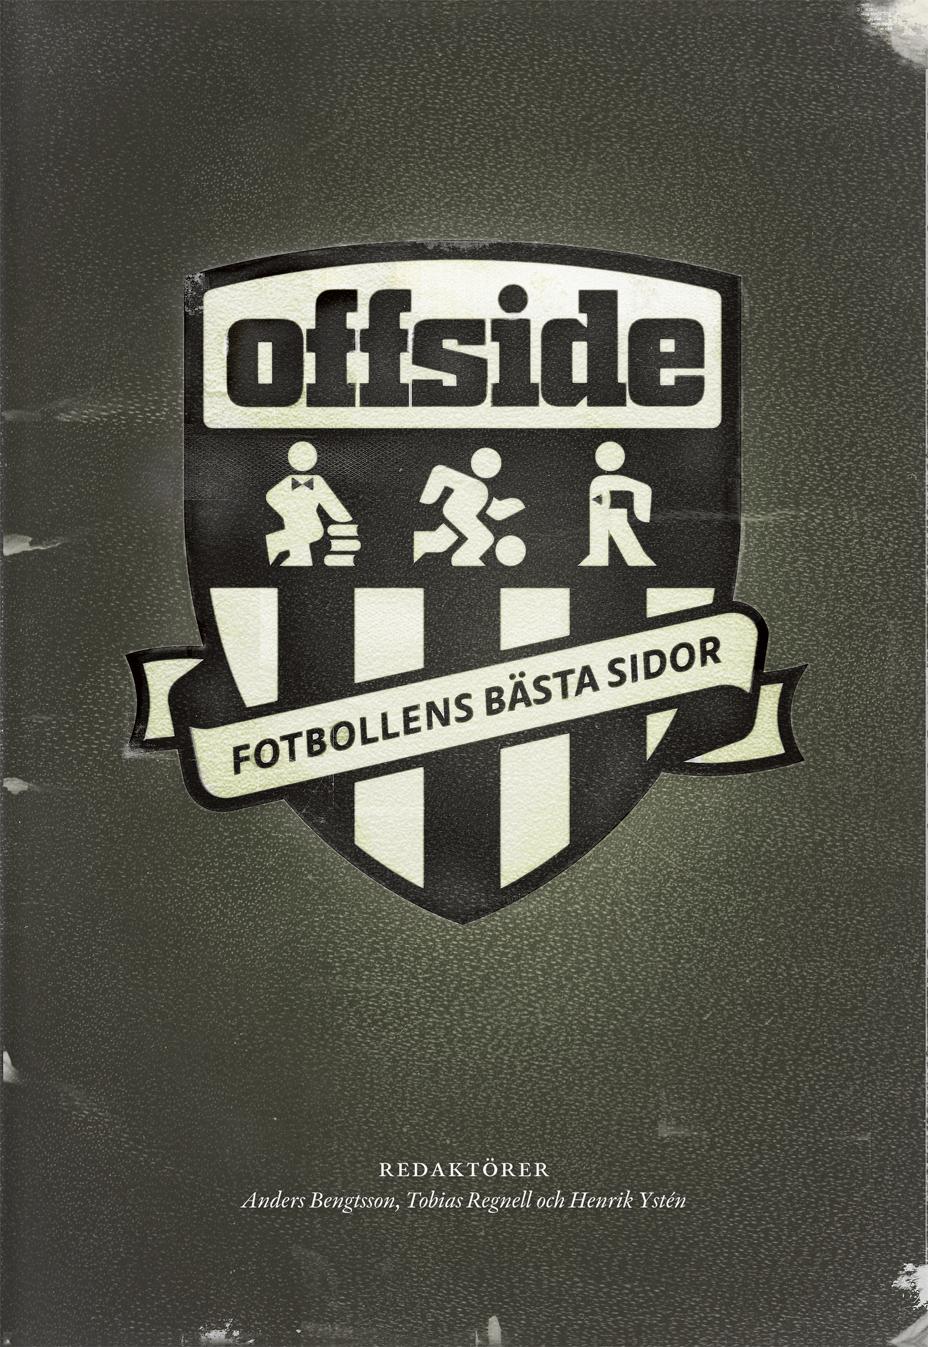 Fotbollens bästa sidor